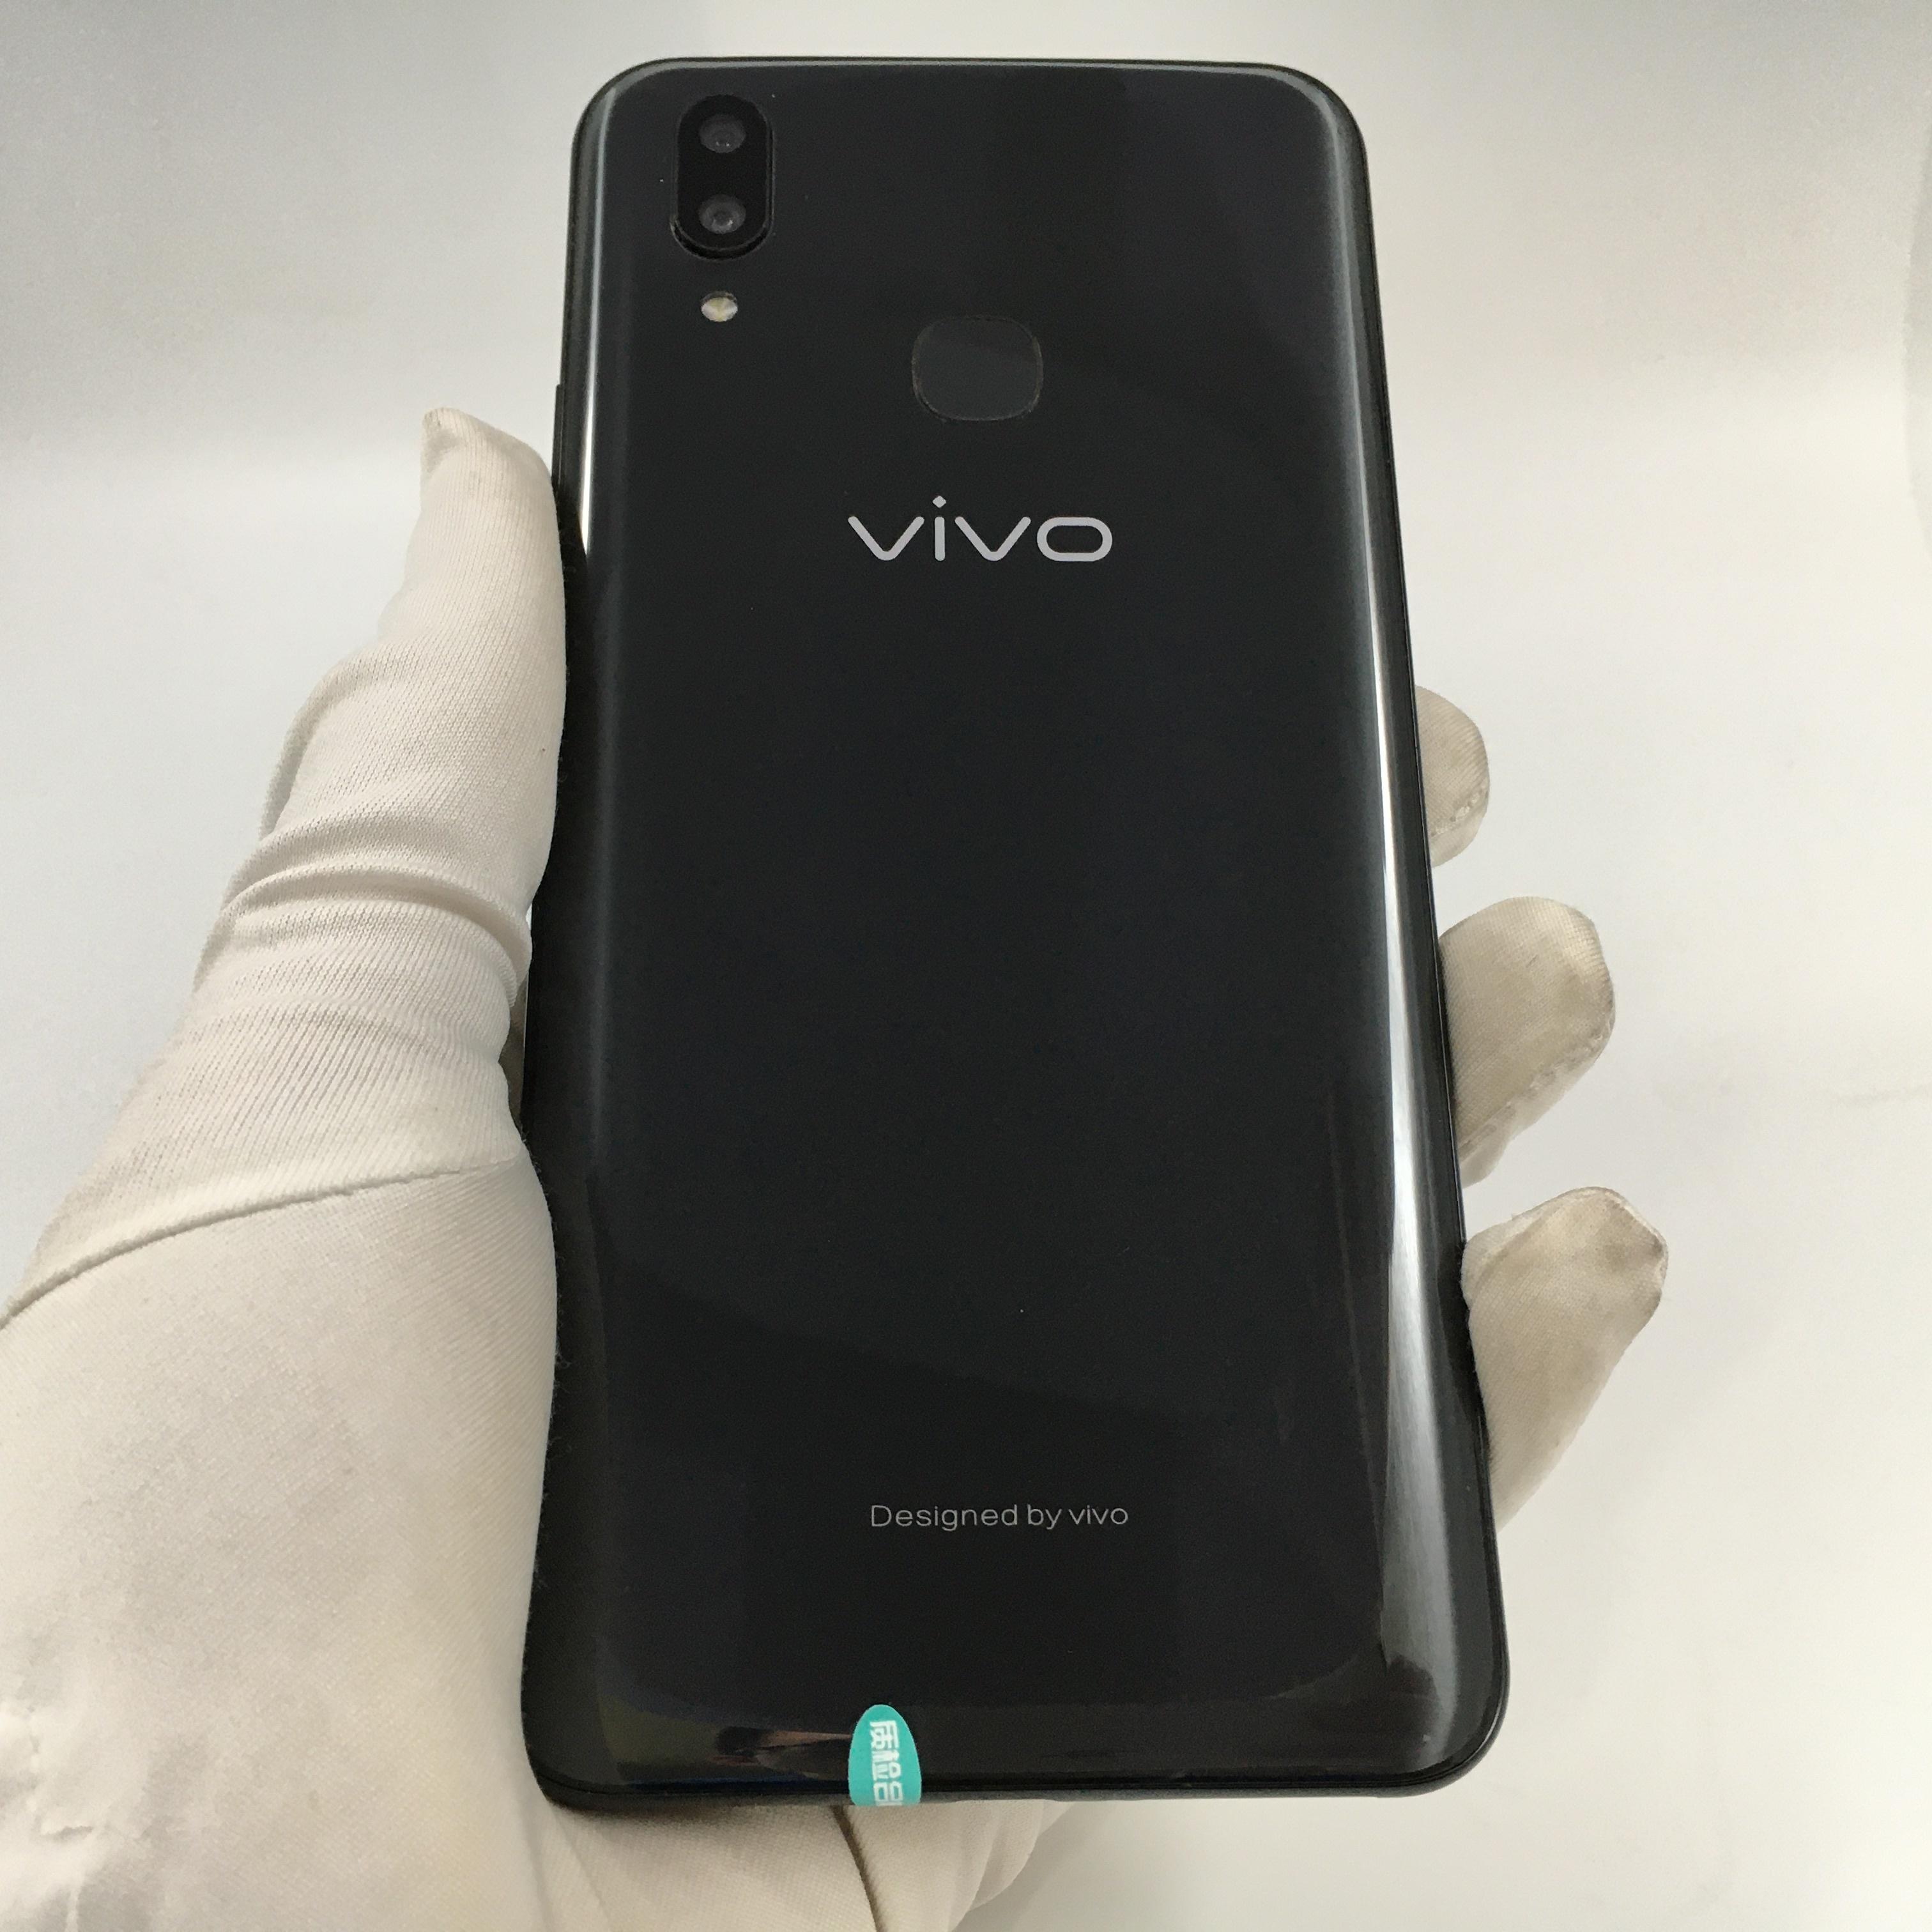 vivo【vivo X21】4G全网通 冰钻黑 6G/128G 国行 9成新